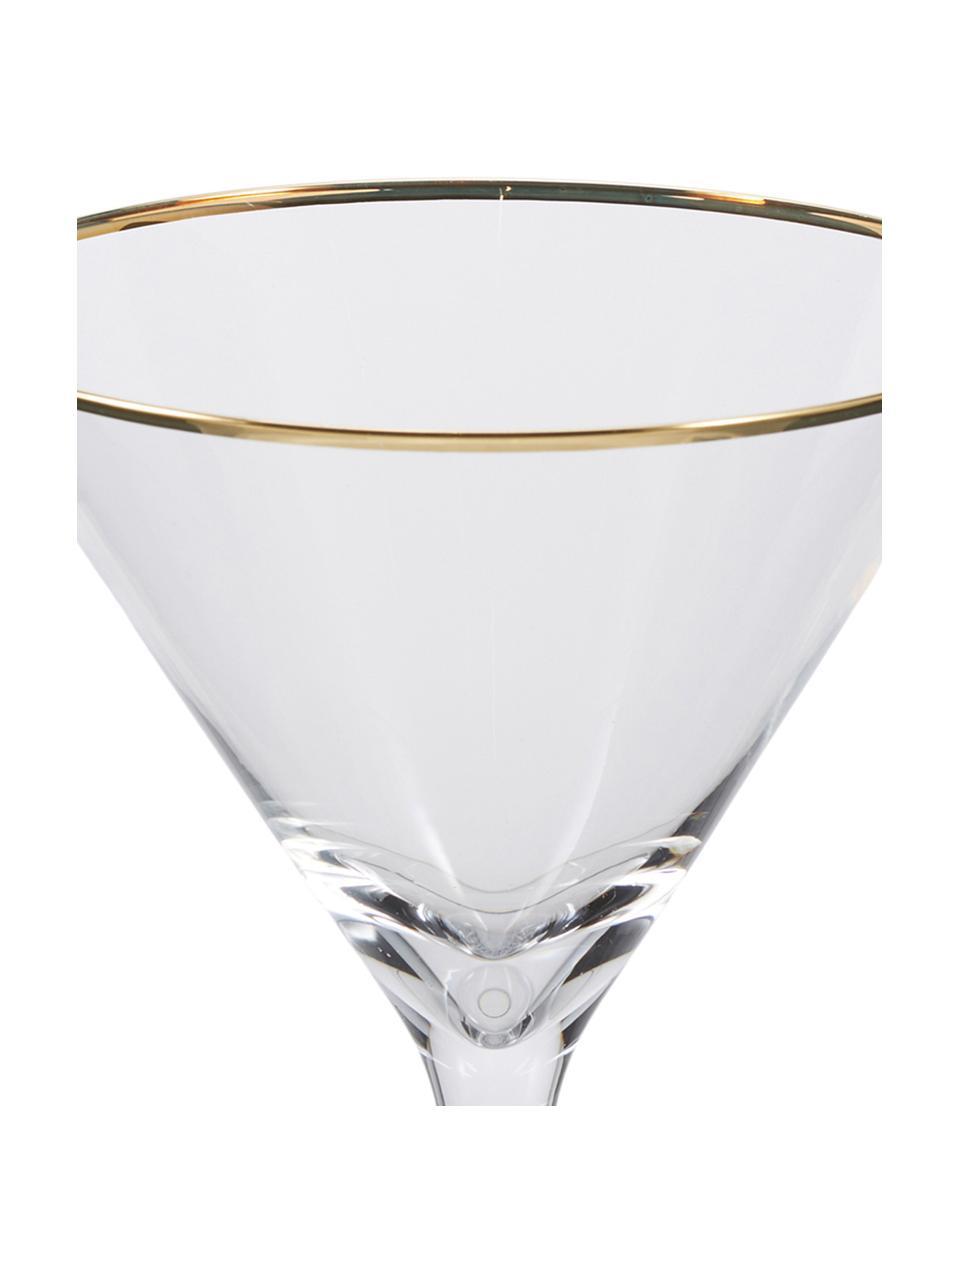 Kieliszek do martini Chloe, 4 szt., Szkło, Transparentny, Ø 12 x W 19 cm